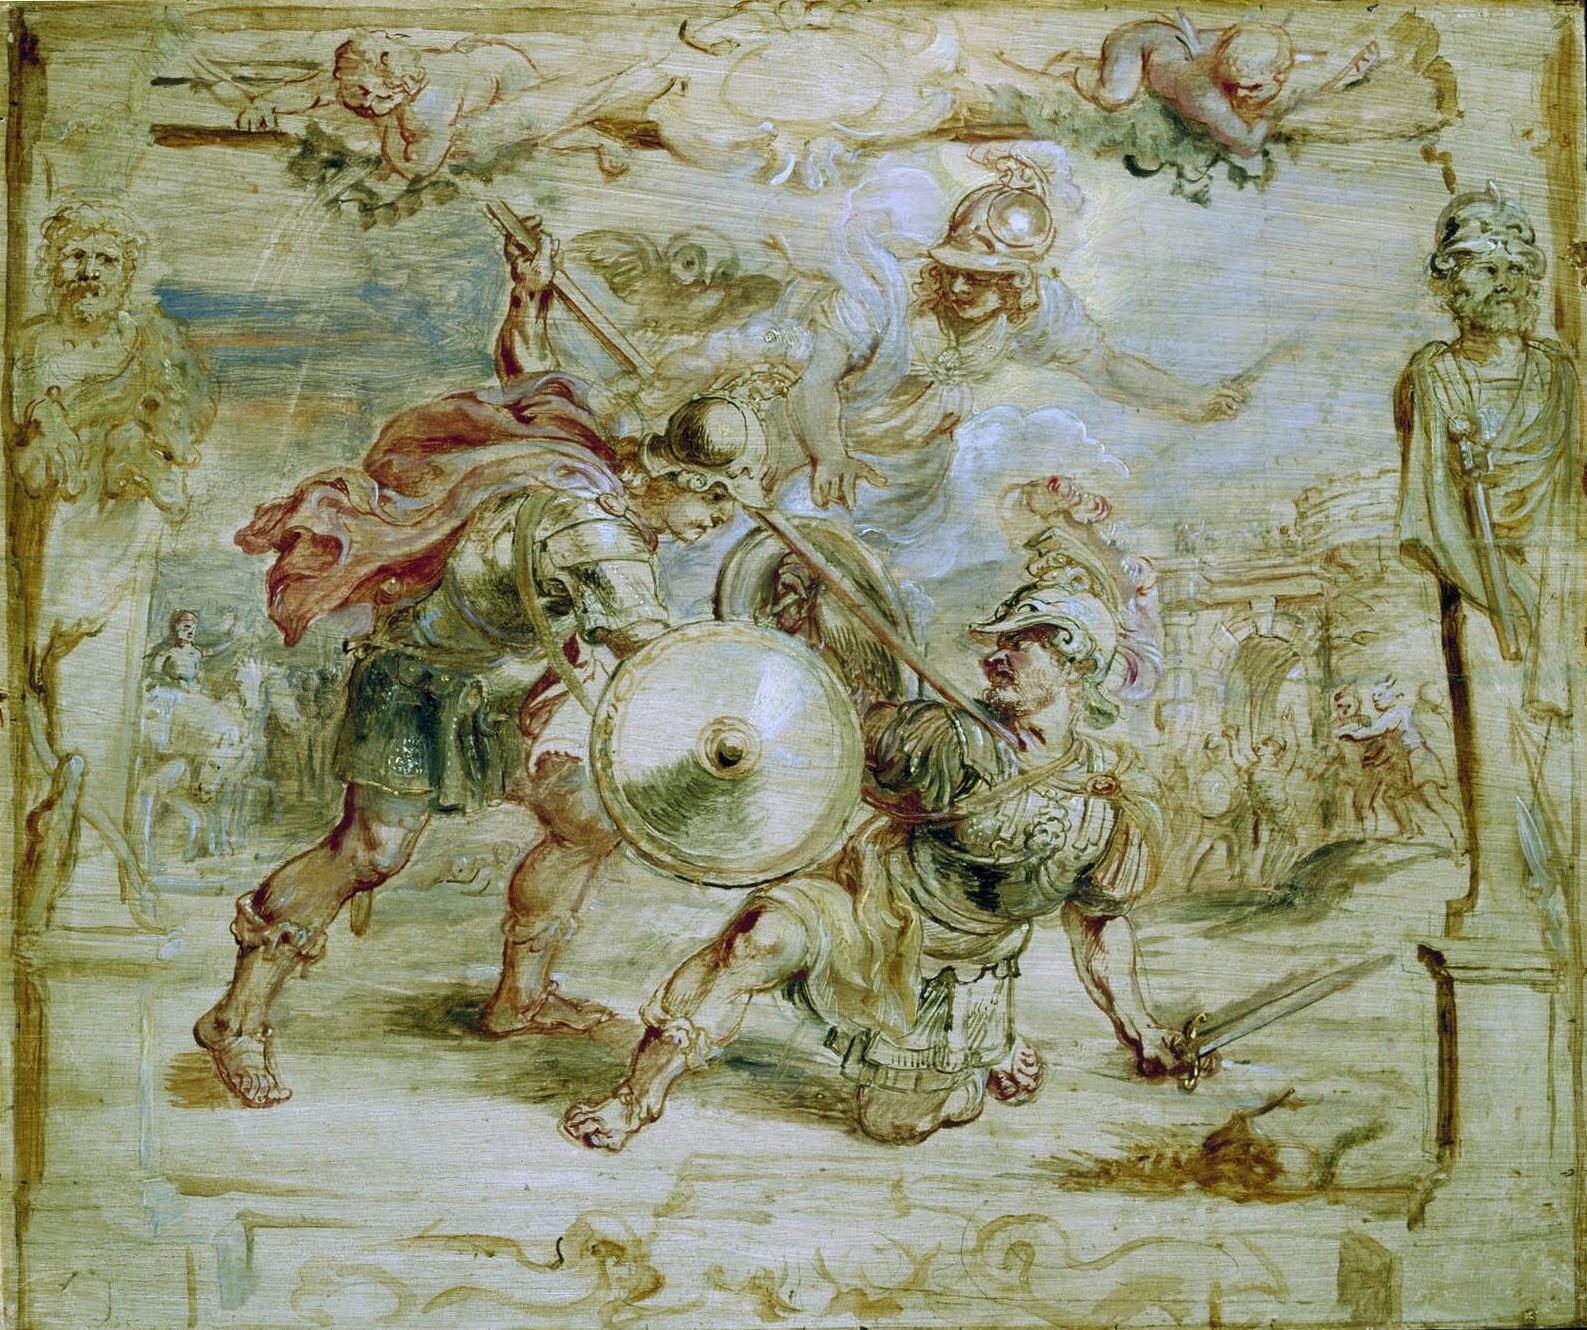 Śmierć Hektora Źródło: Peter Paul Rubens, Śmierć Hektora, 1630–1635, olej na desce, Museum Boijmans Van Beuningen, domena publiczna.